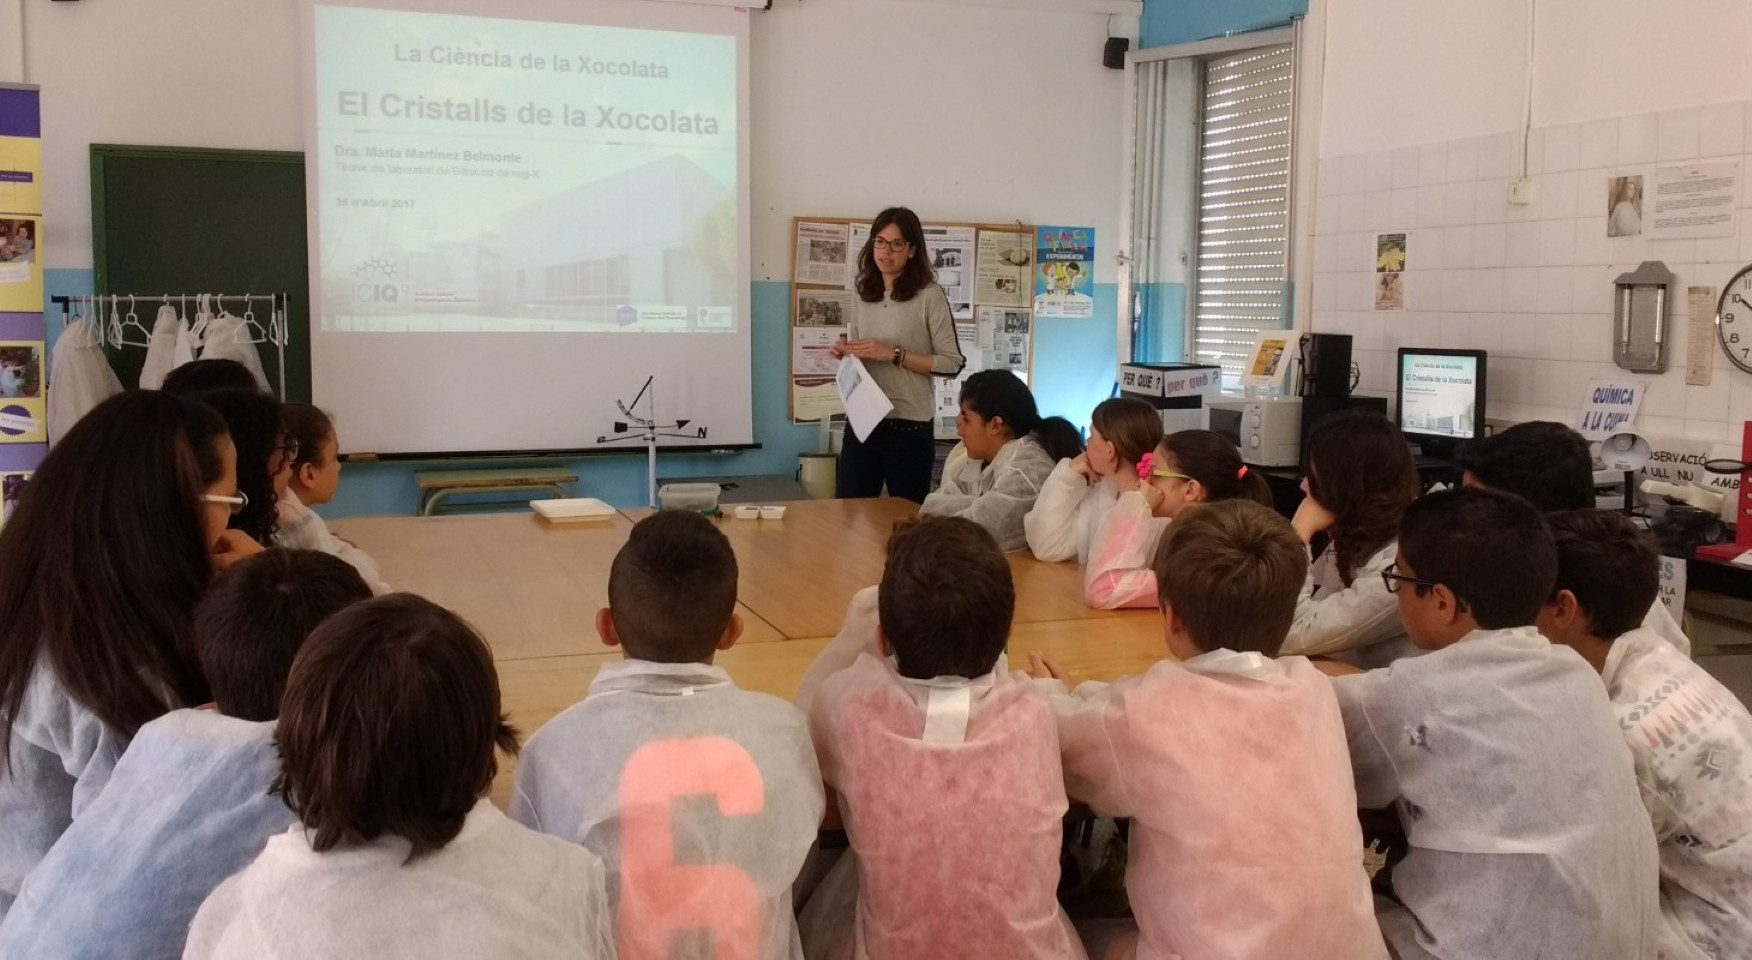 La investigadora Marta Martínez impartint el taller.